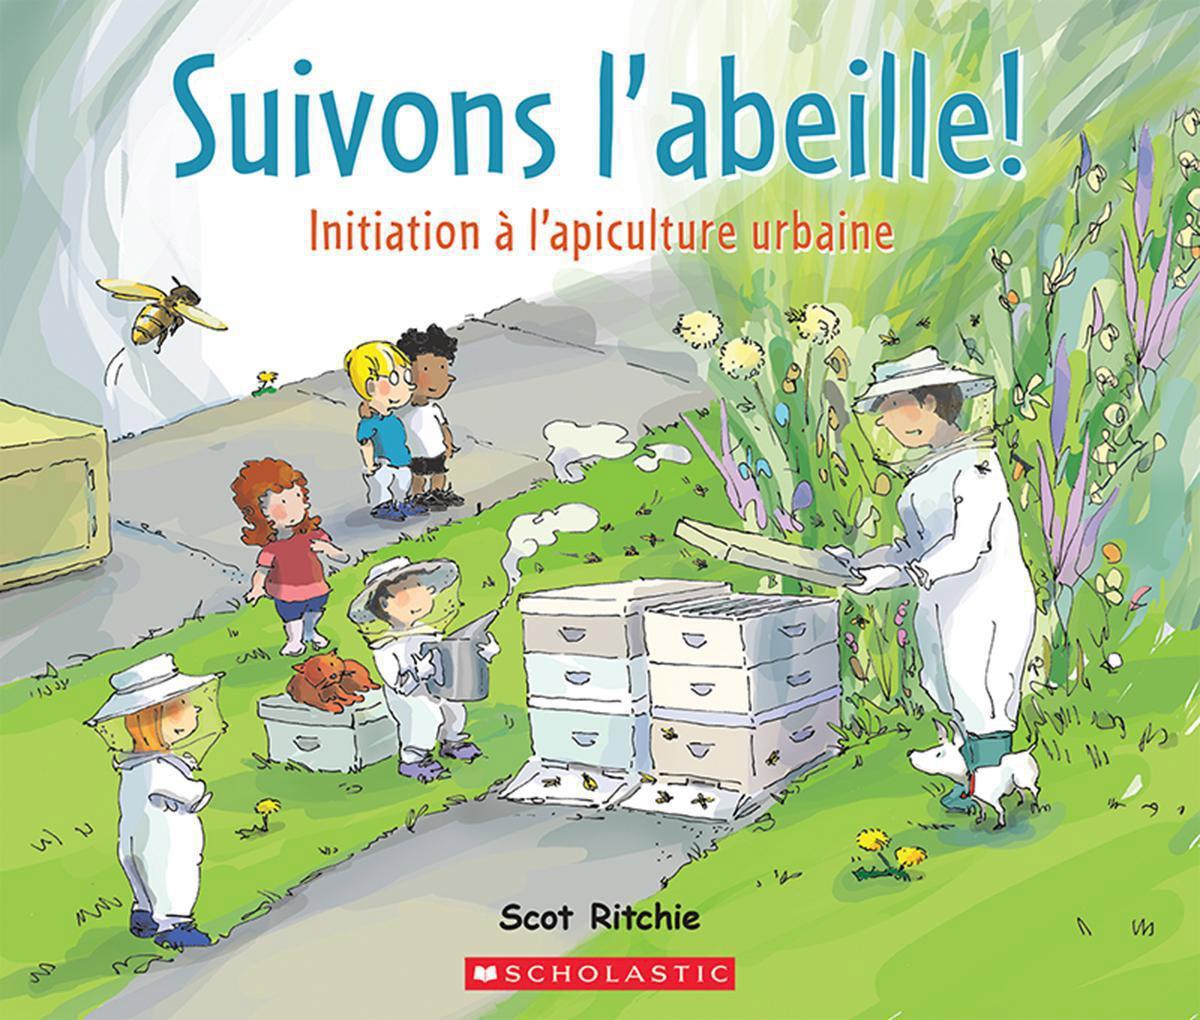 Suivons l'abeille! Initiation à l'apiculture urbaine